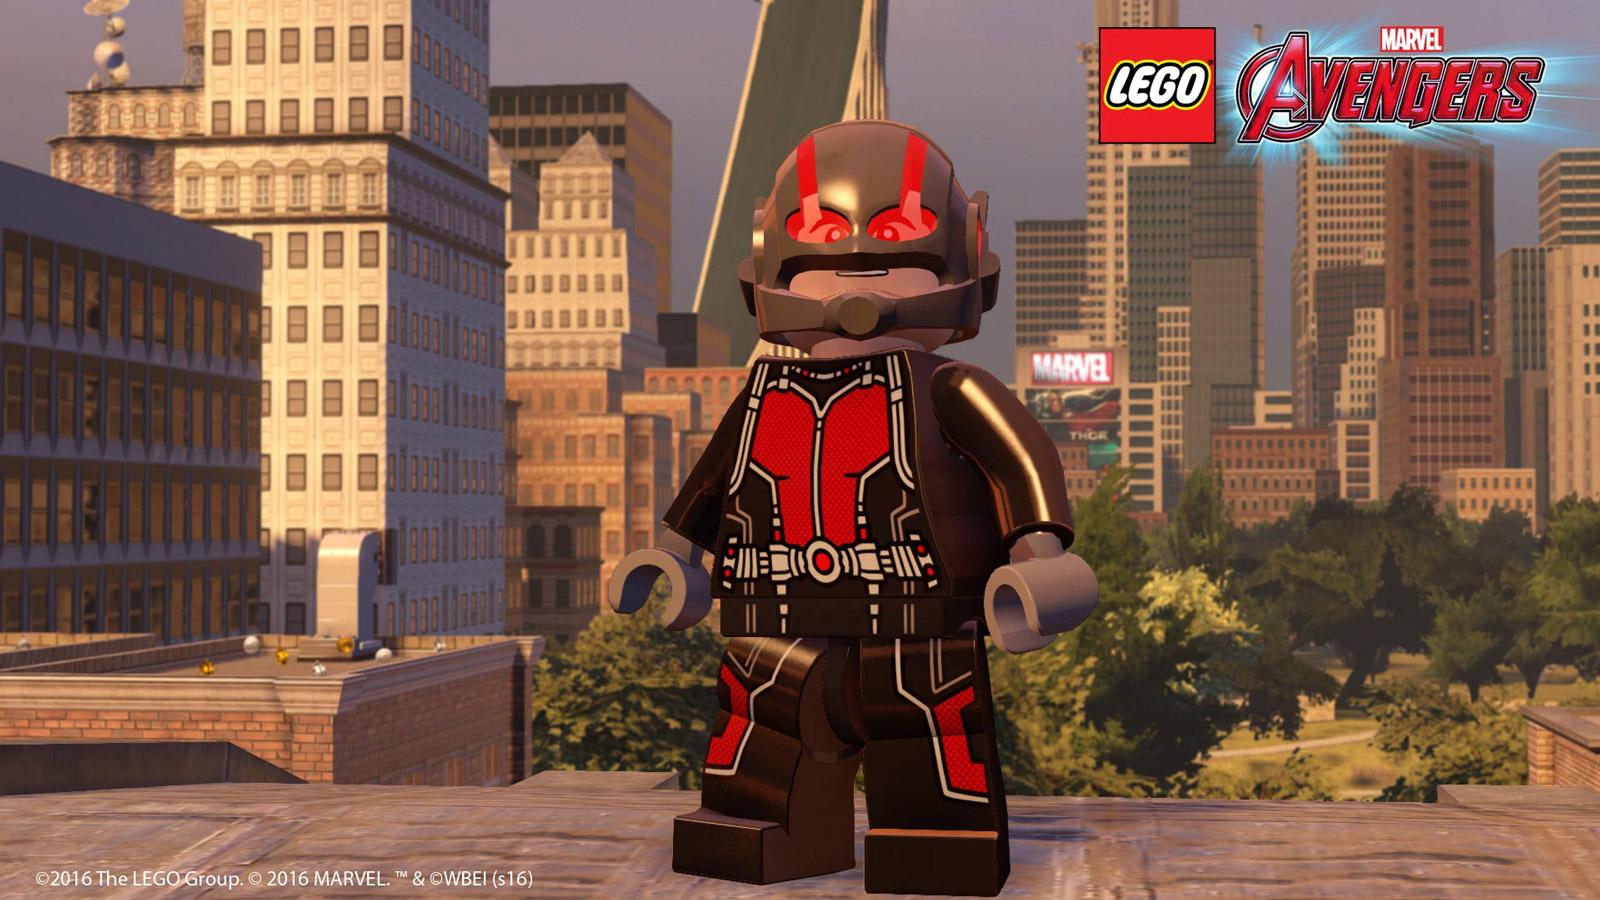 Lego Marvel's Avengers Wallpaper in 1600x900